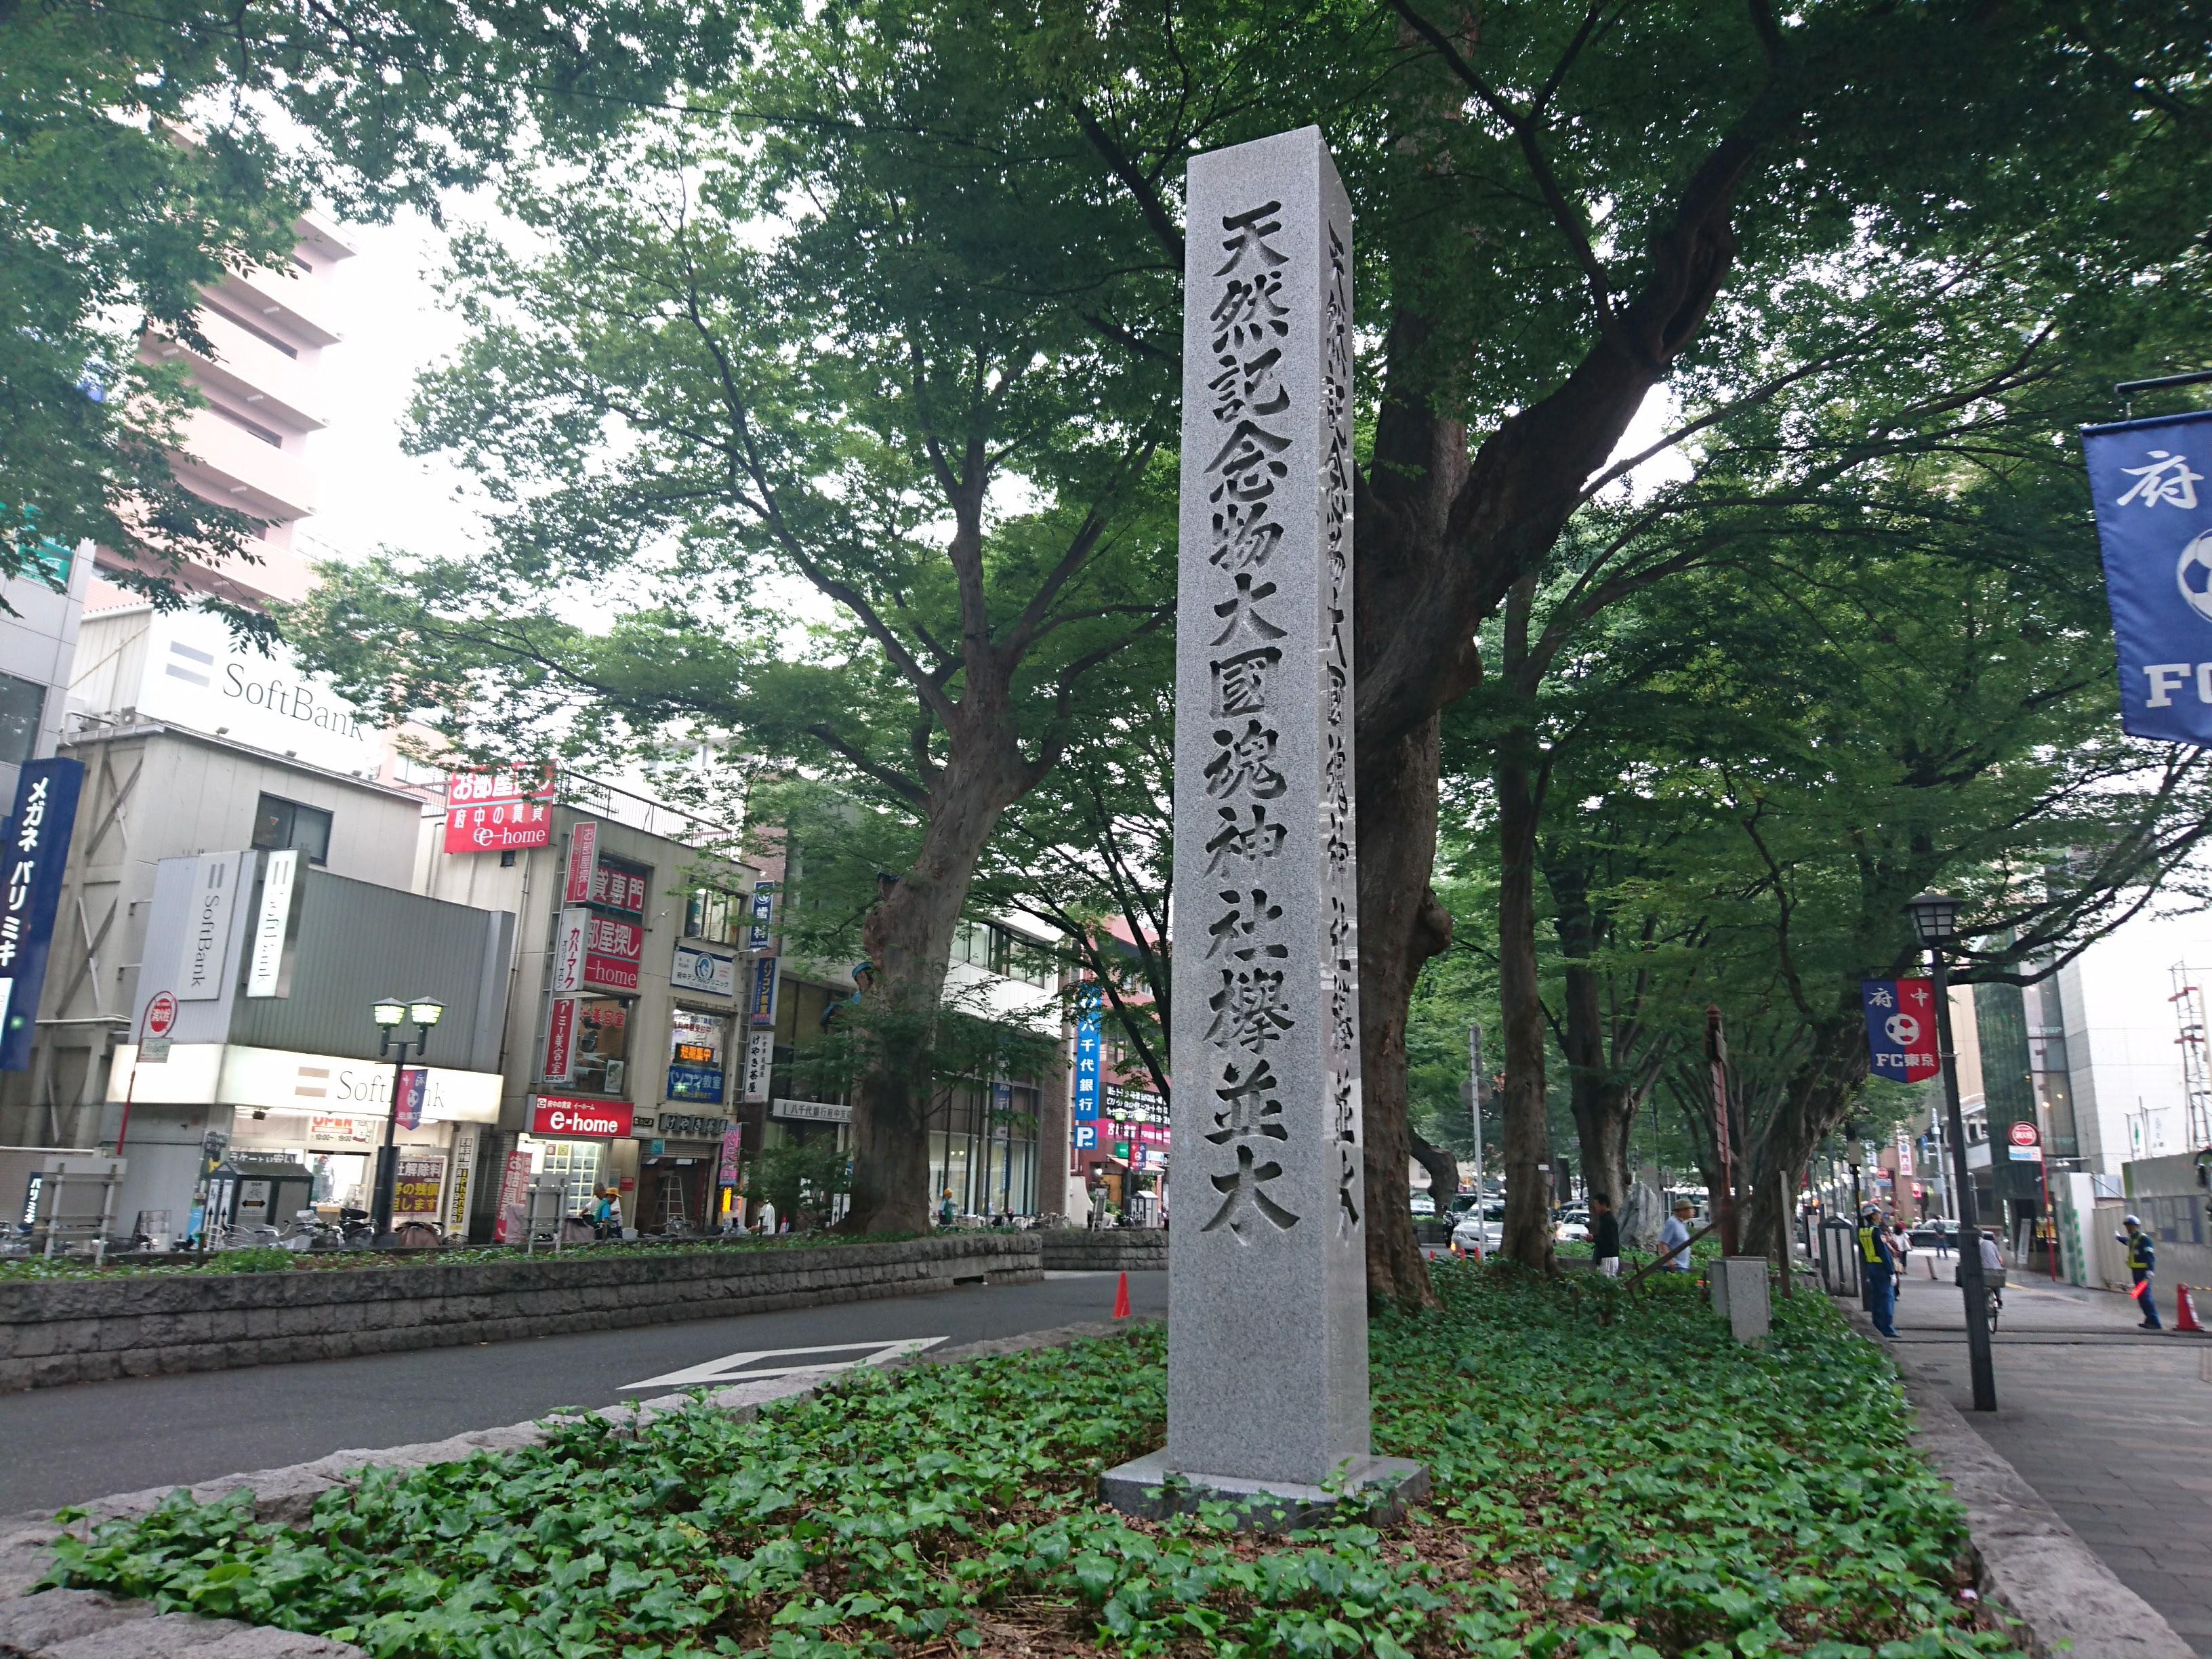 東京都府中市に所在する日本国指定天然記念物の並木